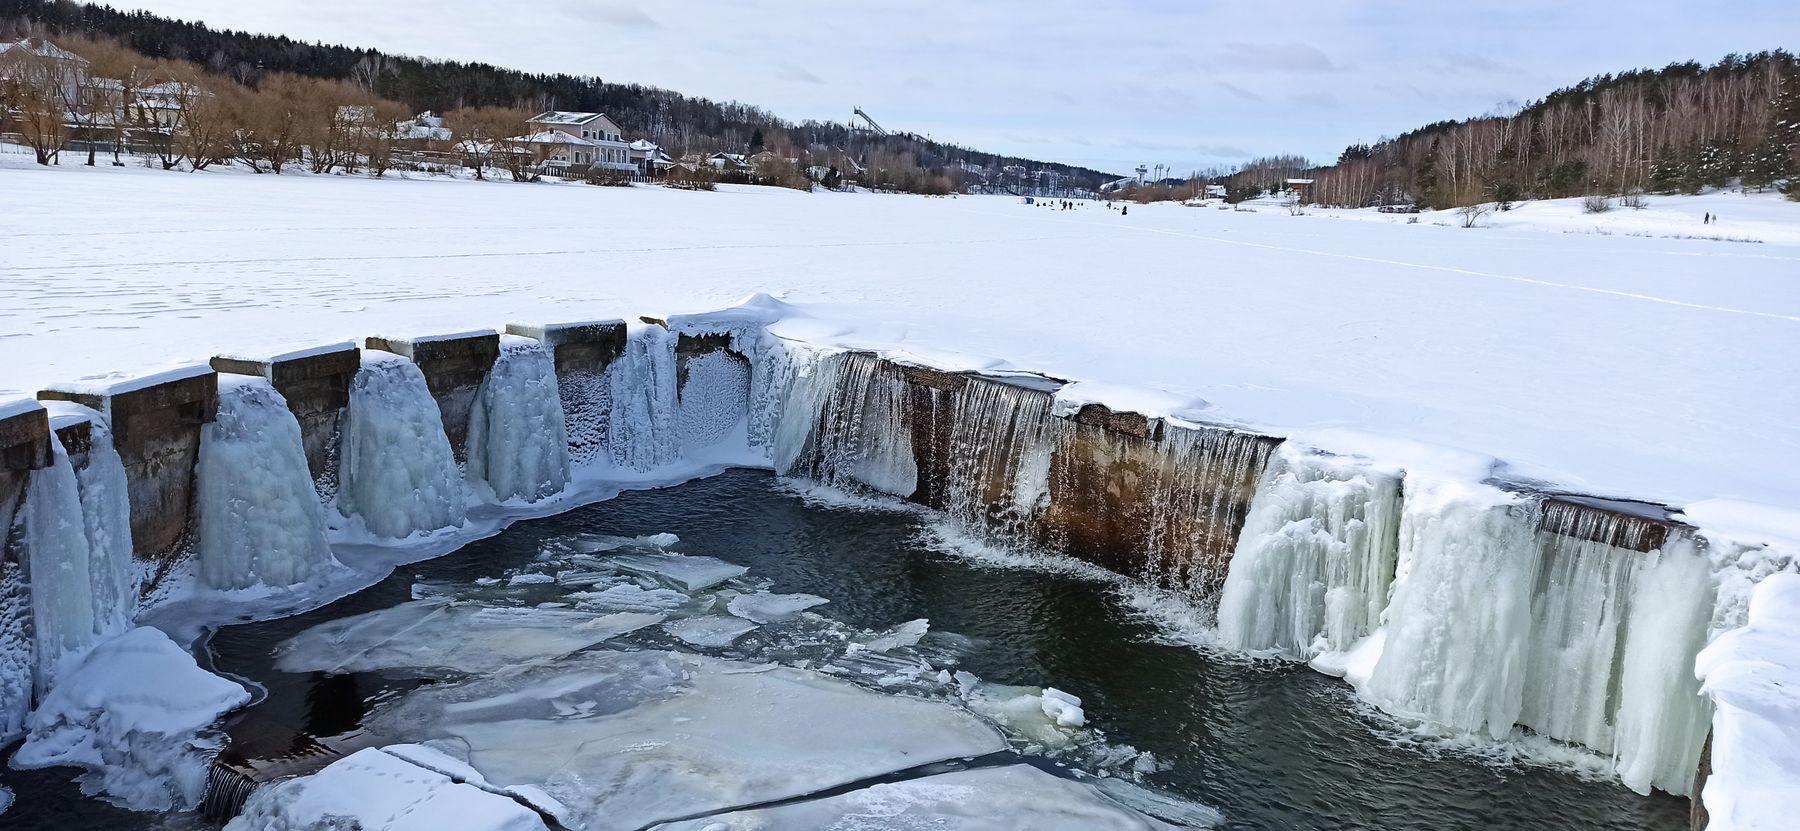 Зимний водопад или соляные столпы. зима водопад озеро мороз лёд